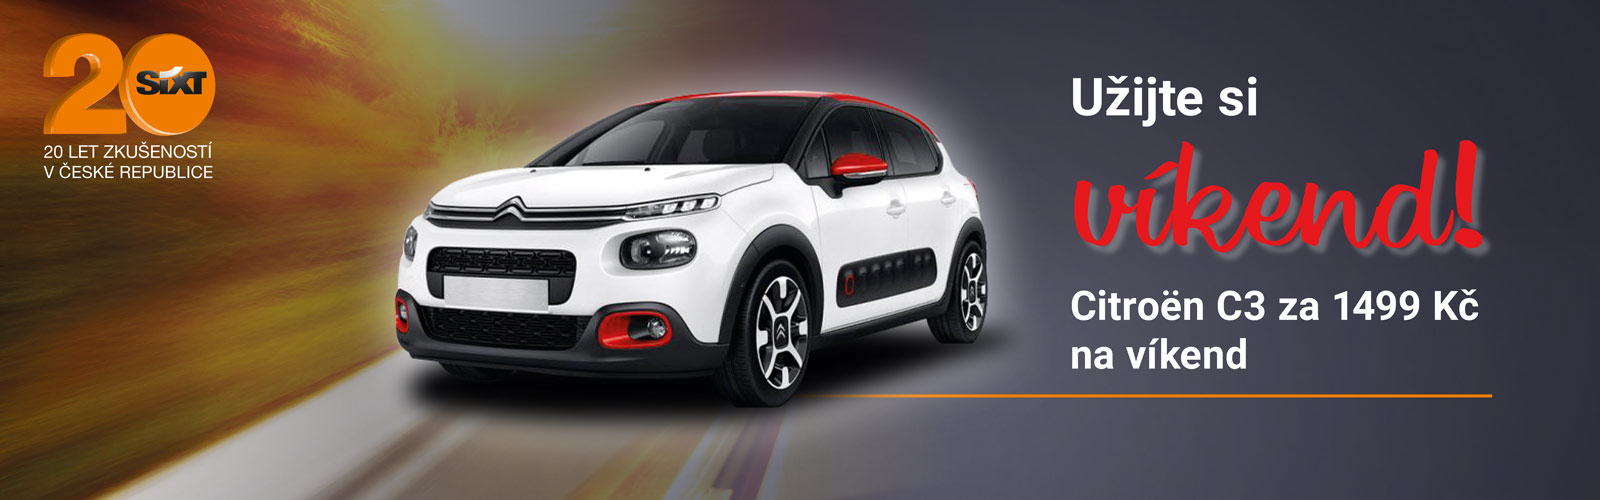 Citroën víkend